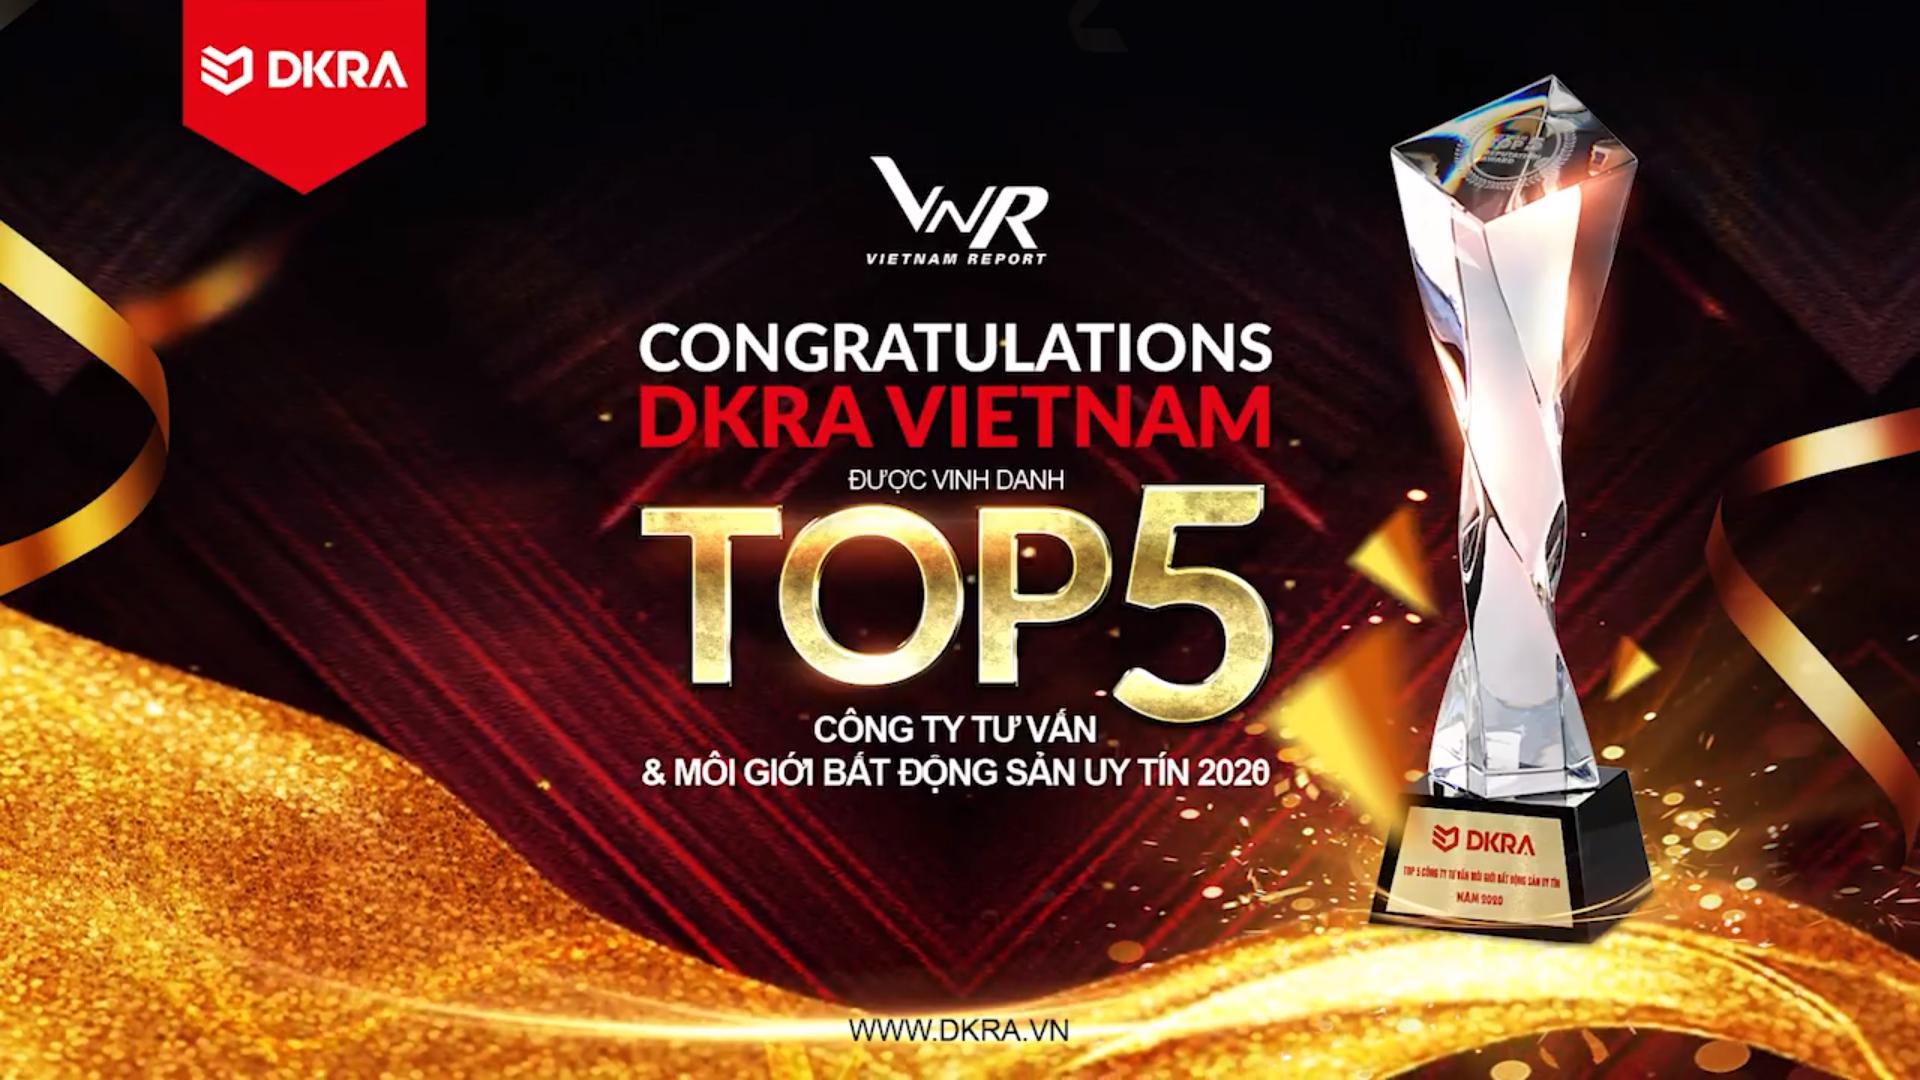 VIETNAM REPORT VINH DANH DKRA VIETNAM - TOP 5 CÔNG TY TƯ VẤN & MÔI GIỚI BẤT ĐỘNG SẢN VIỆT NAM UY TÍN